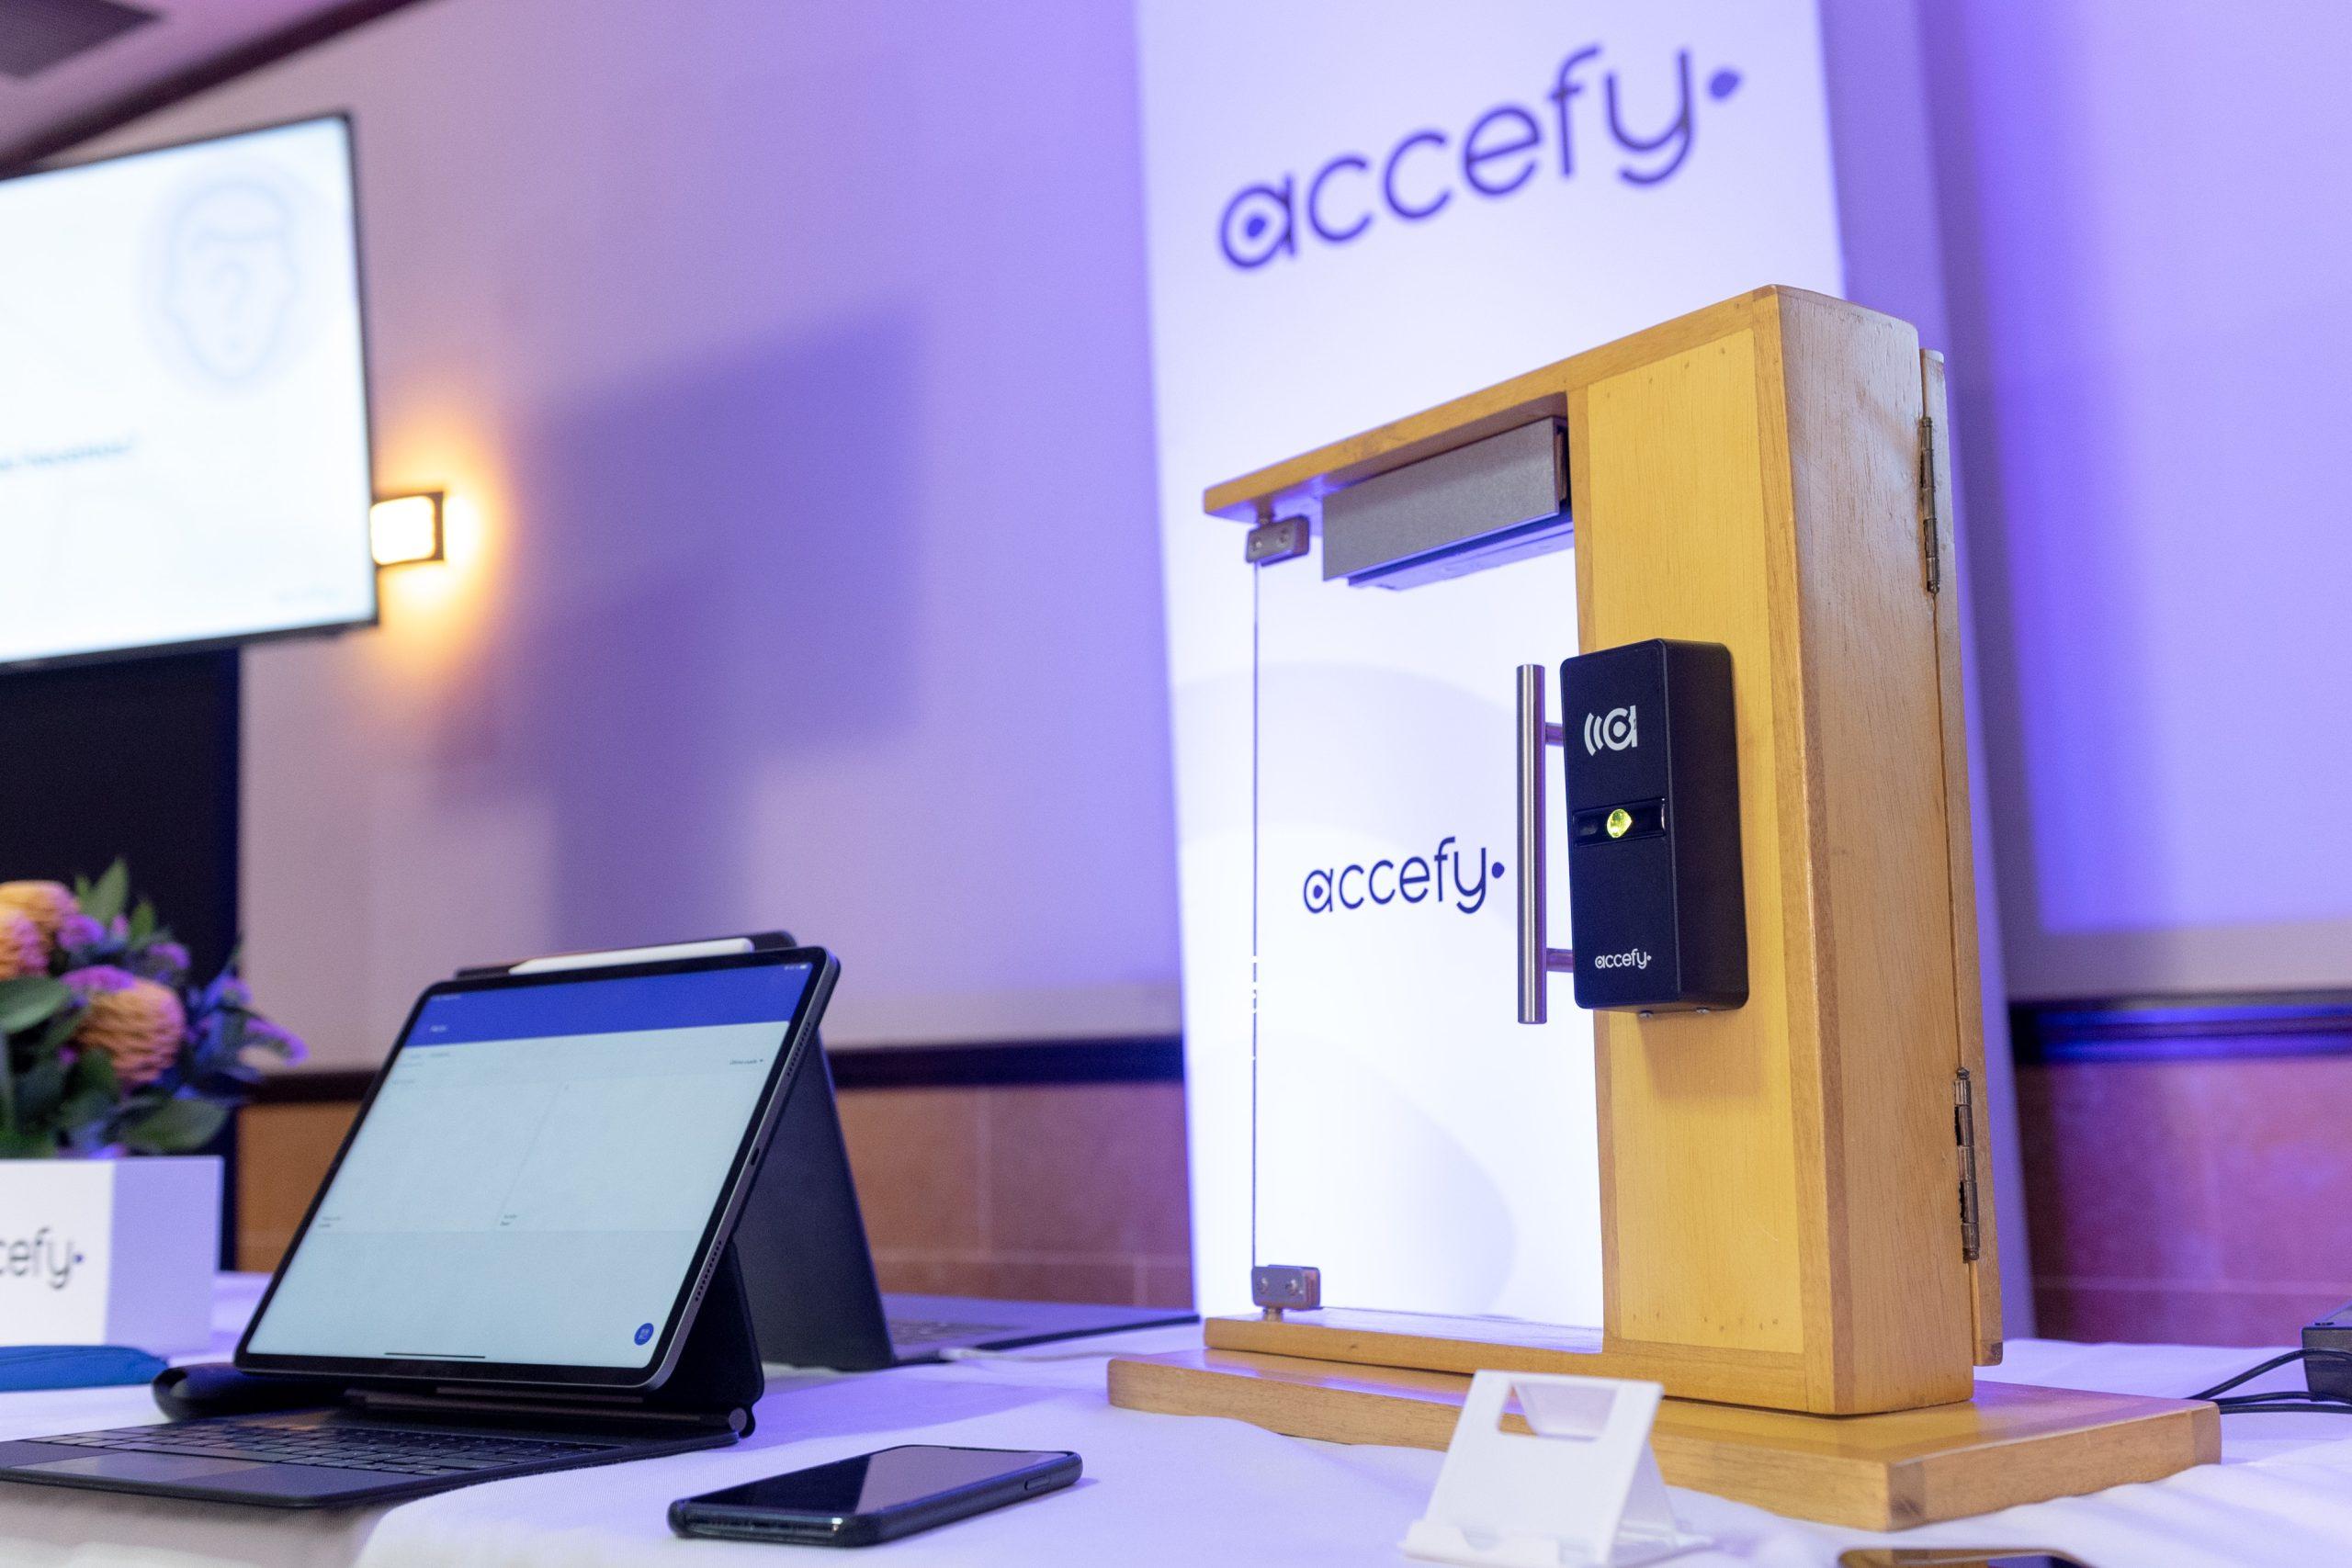 Tecnología de accefy